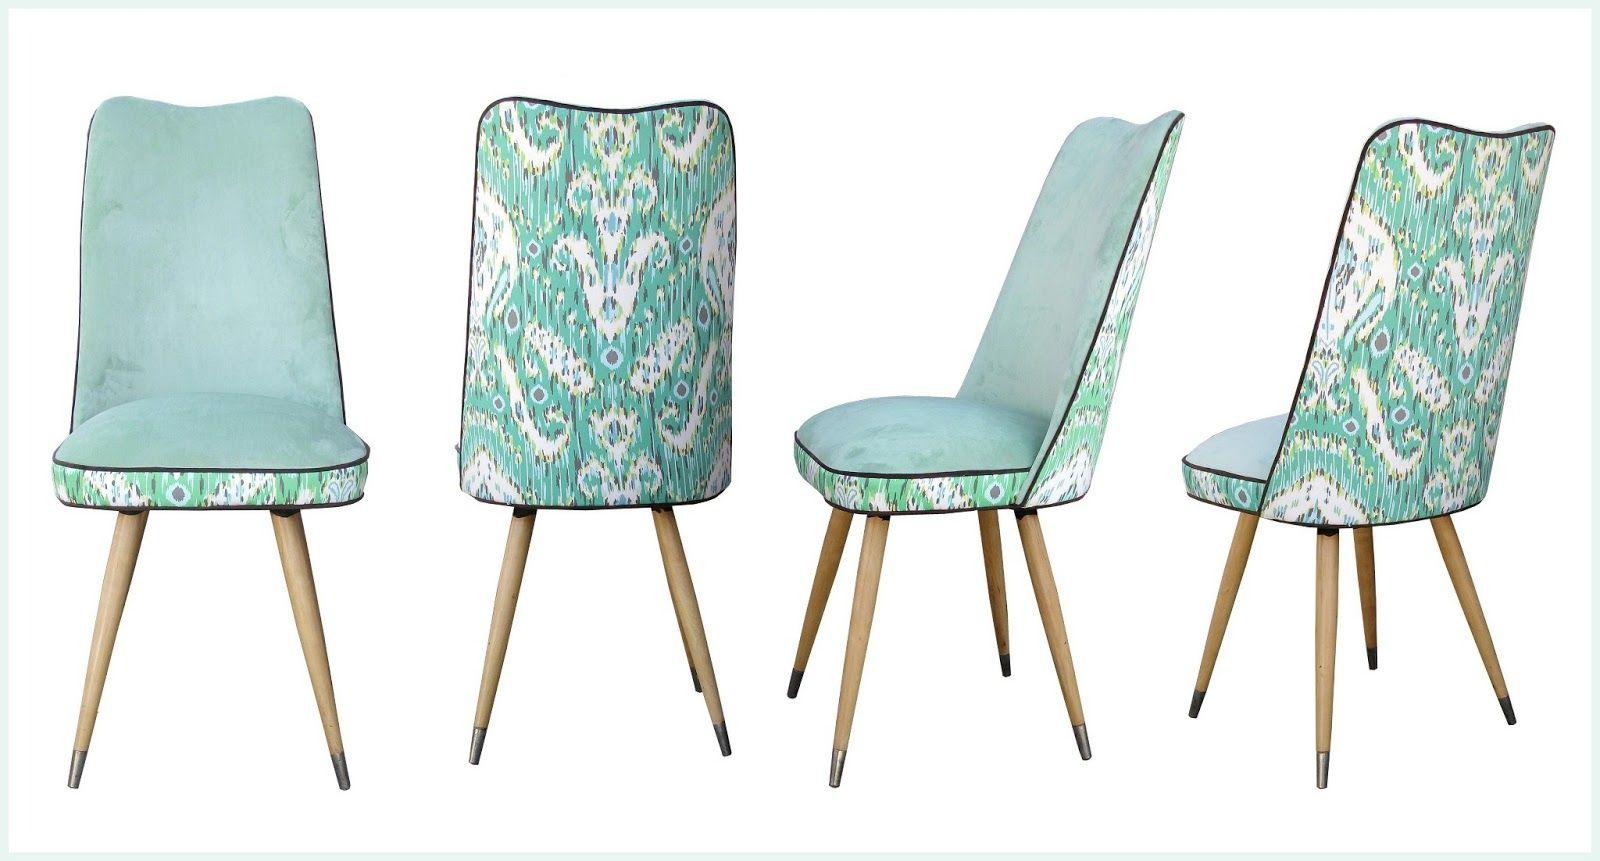 sillas retro americana - Buscar con Google | Chairs | Pinterest ...